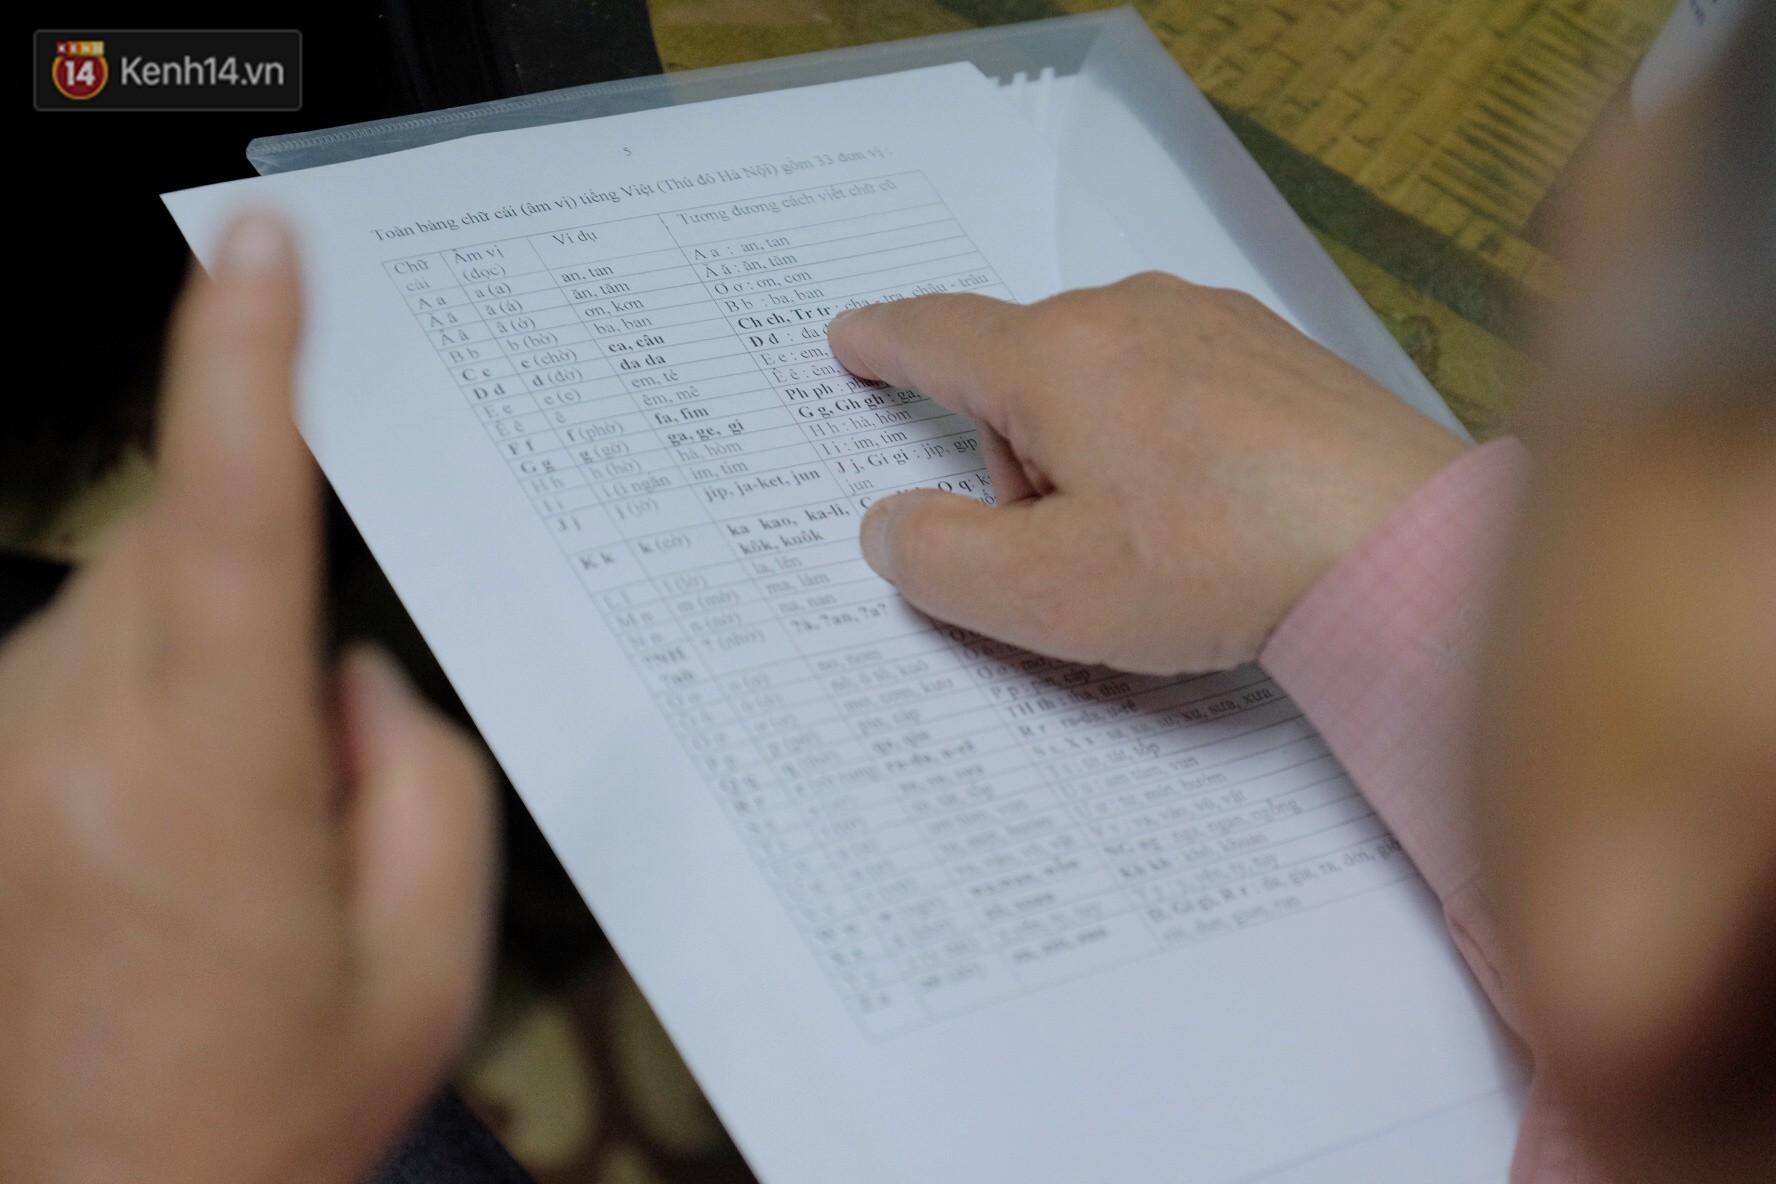 PGS.TS Bùi Hiền nói về phần 2 cải tiến tiếng Việt: Kuộk sốw gồm kí tự k (cờ) và w (ngờ), ghép lại vẫn đọc là cuộc sống thôi! - Ảnh 8.